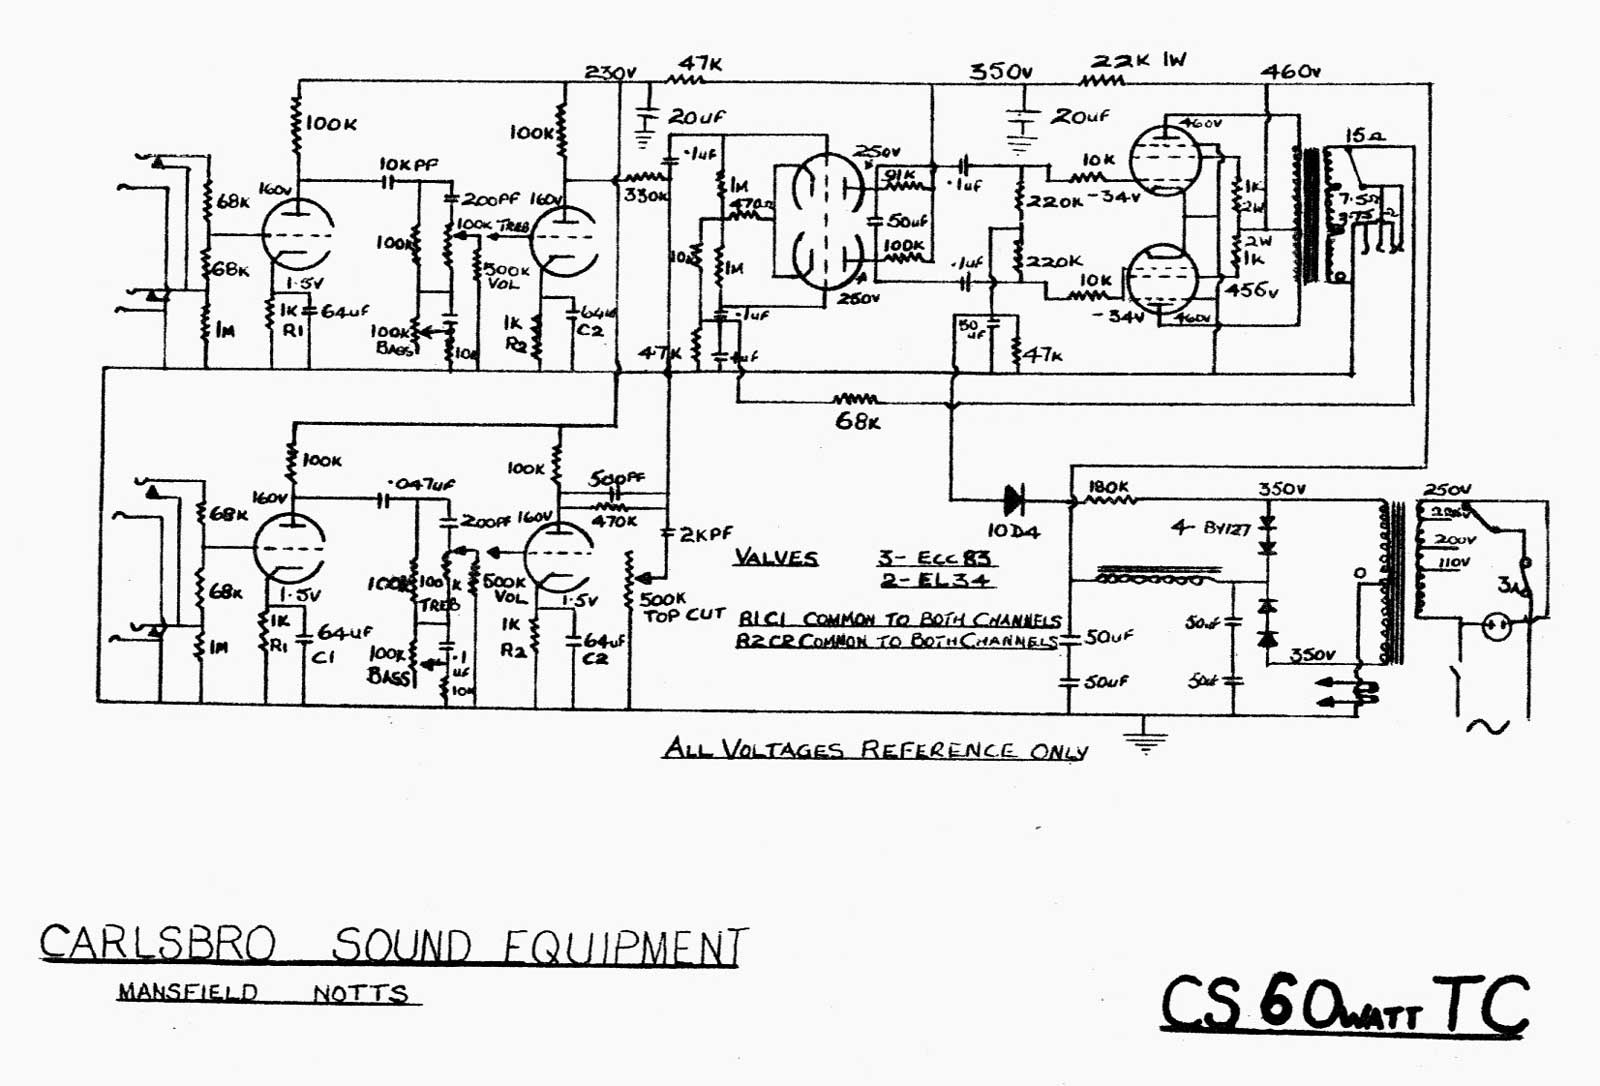 carlsbro cs60 t c  amp schematic